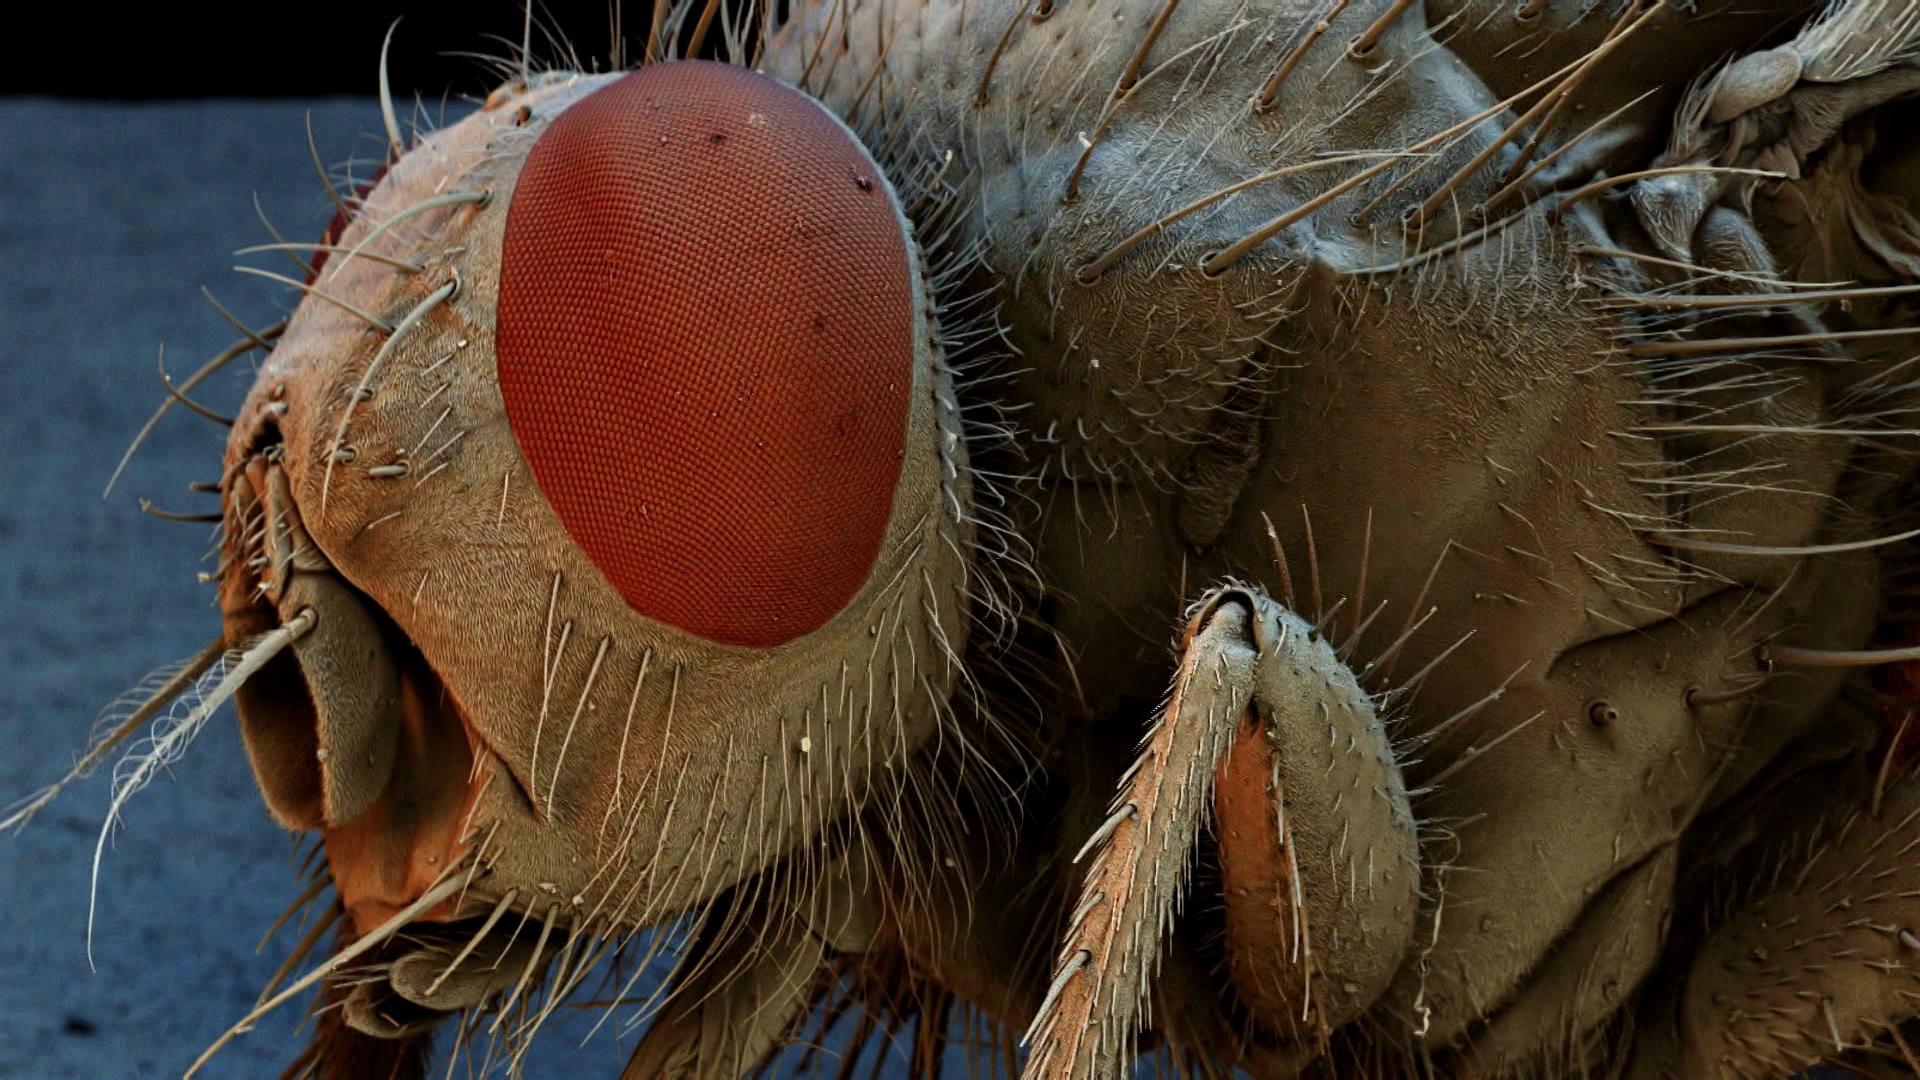 Video: Wie sieht eine Stubenfliege? - Frage trifft Antwort